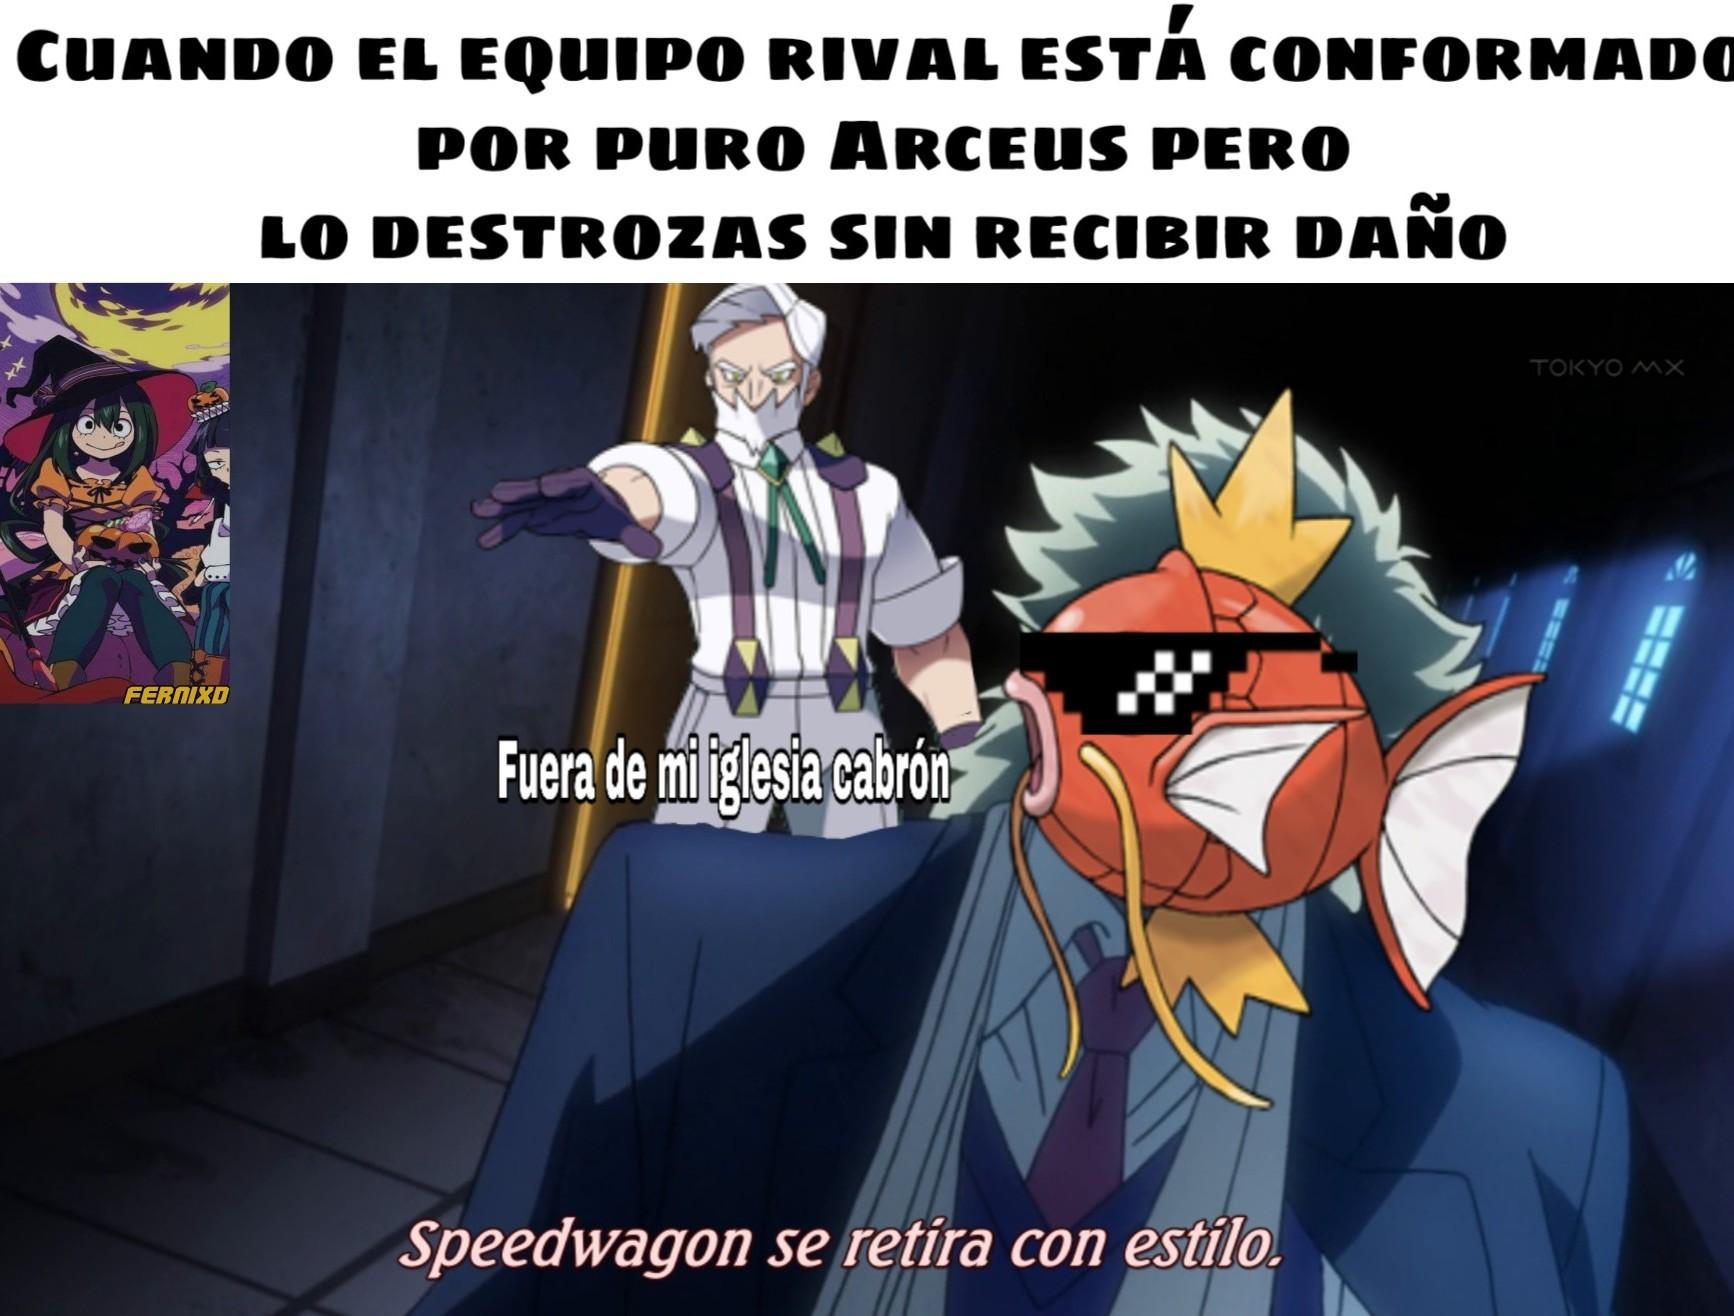 Alaben todos al caballero Magikarp que con azote en set logró derrotar al dios de los Pokémon. (resubido) - meme